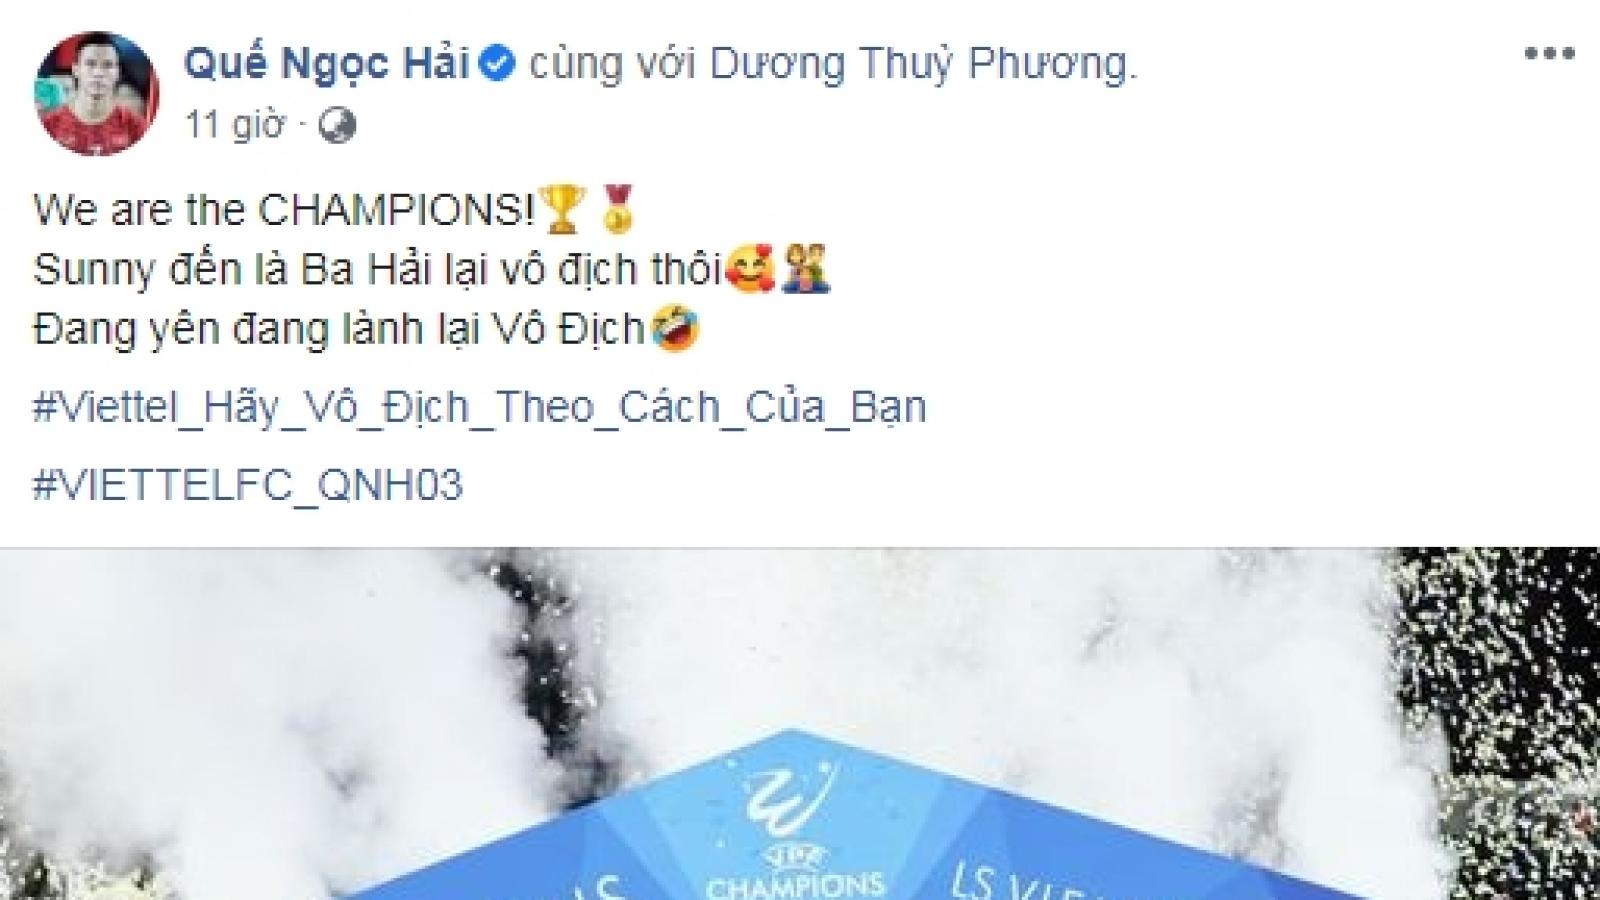 """Viettel vô địch V-League 2020, Lương """"dị"""" gửi lời chúc mừng tới Quế Ngọc Hải"""